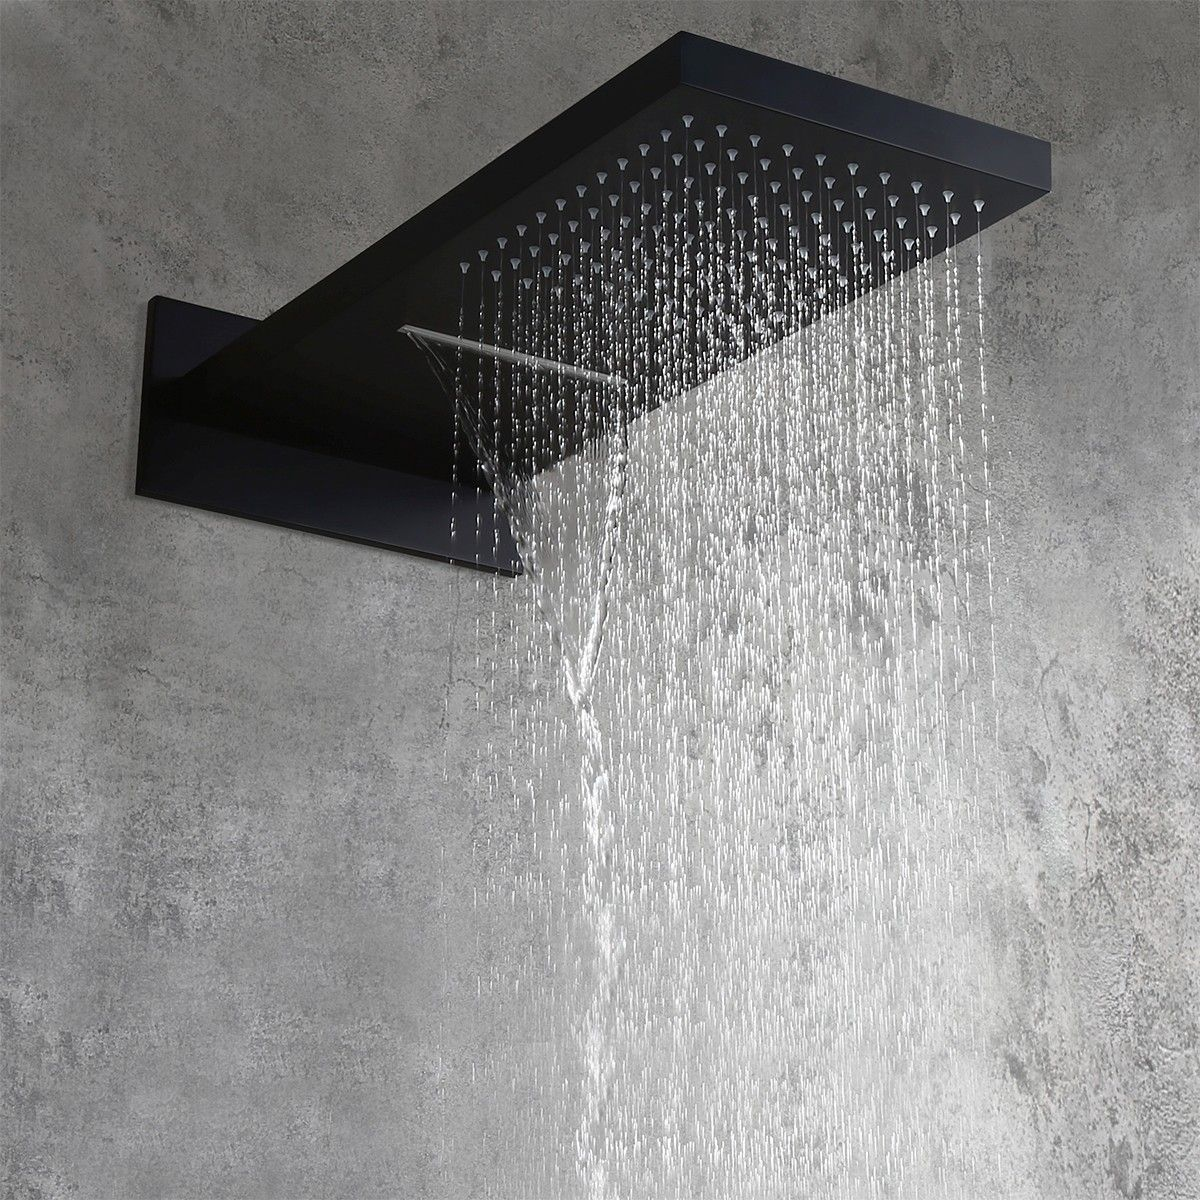 Modern Minimalist Wall Mounted 2 Function Rainfall Waterfall